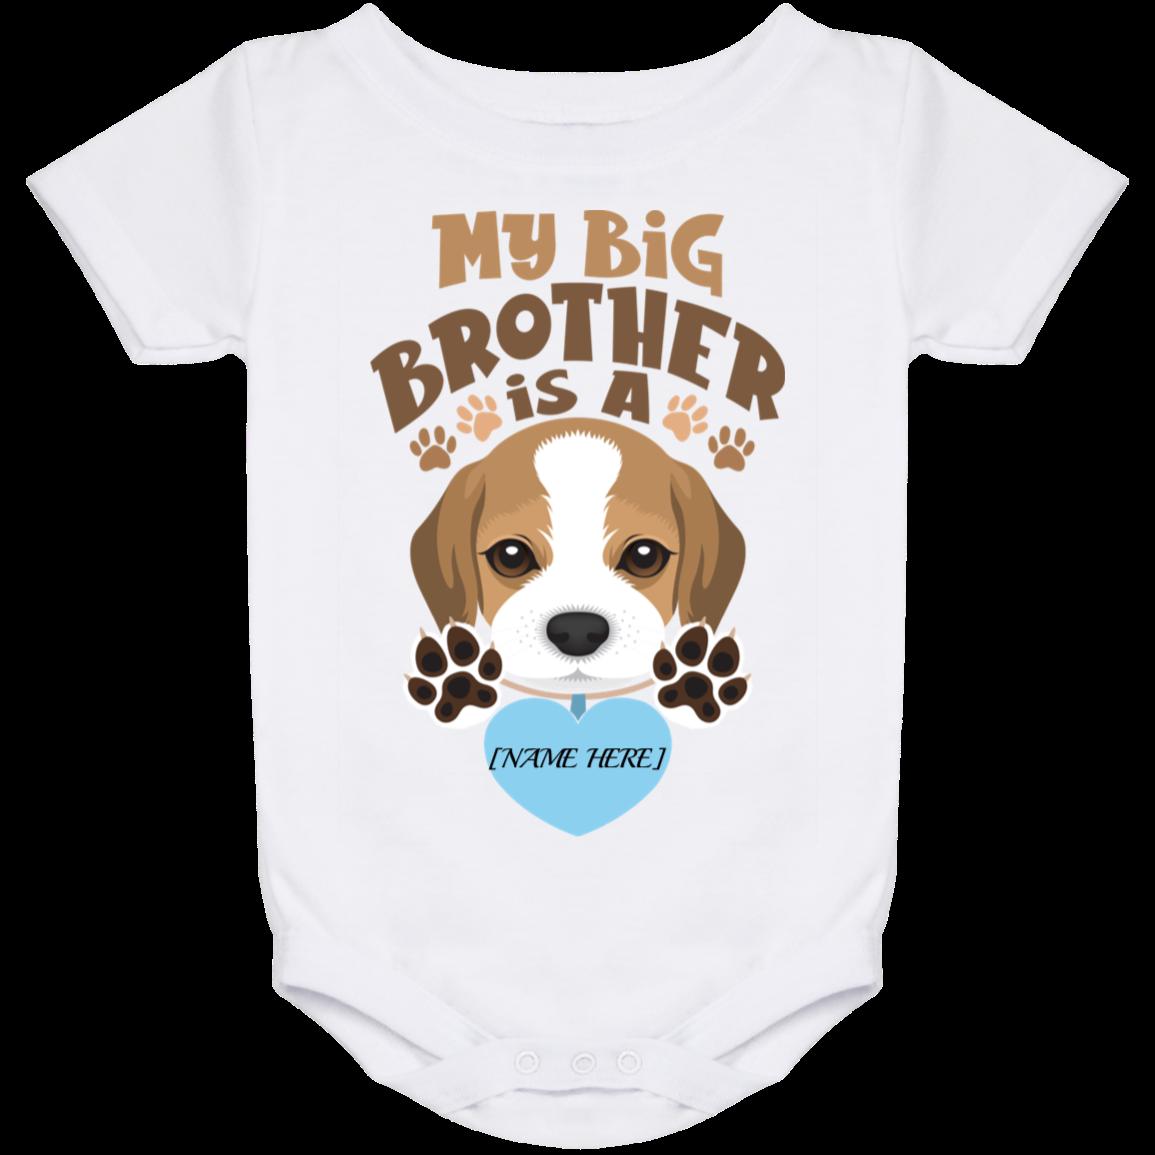 Beagle Best Friends Onesie Gerber Brand Bodysuit Baby Shower Gift Newborn Dog lover Baby Clothes